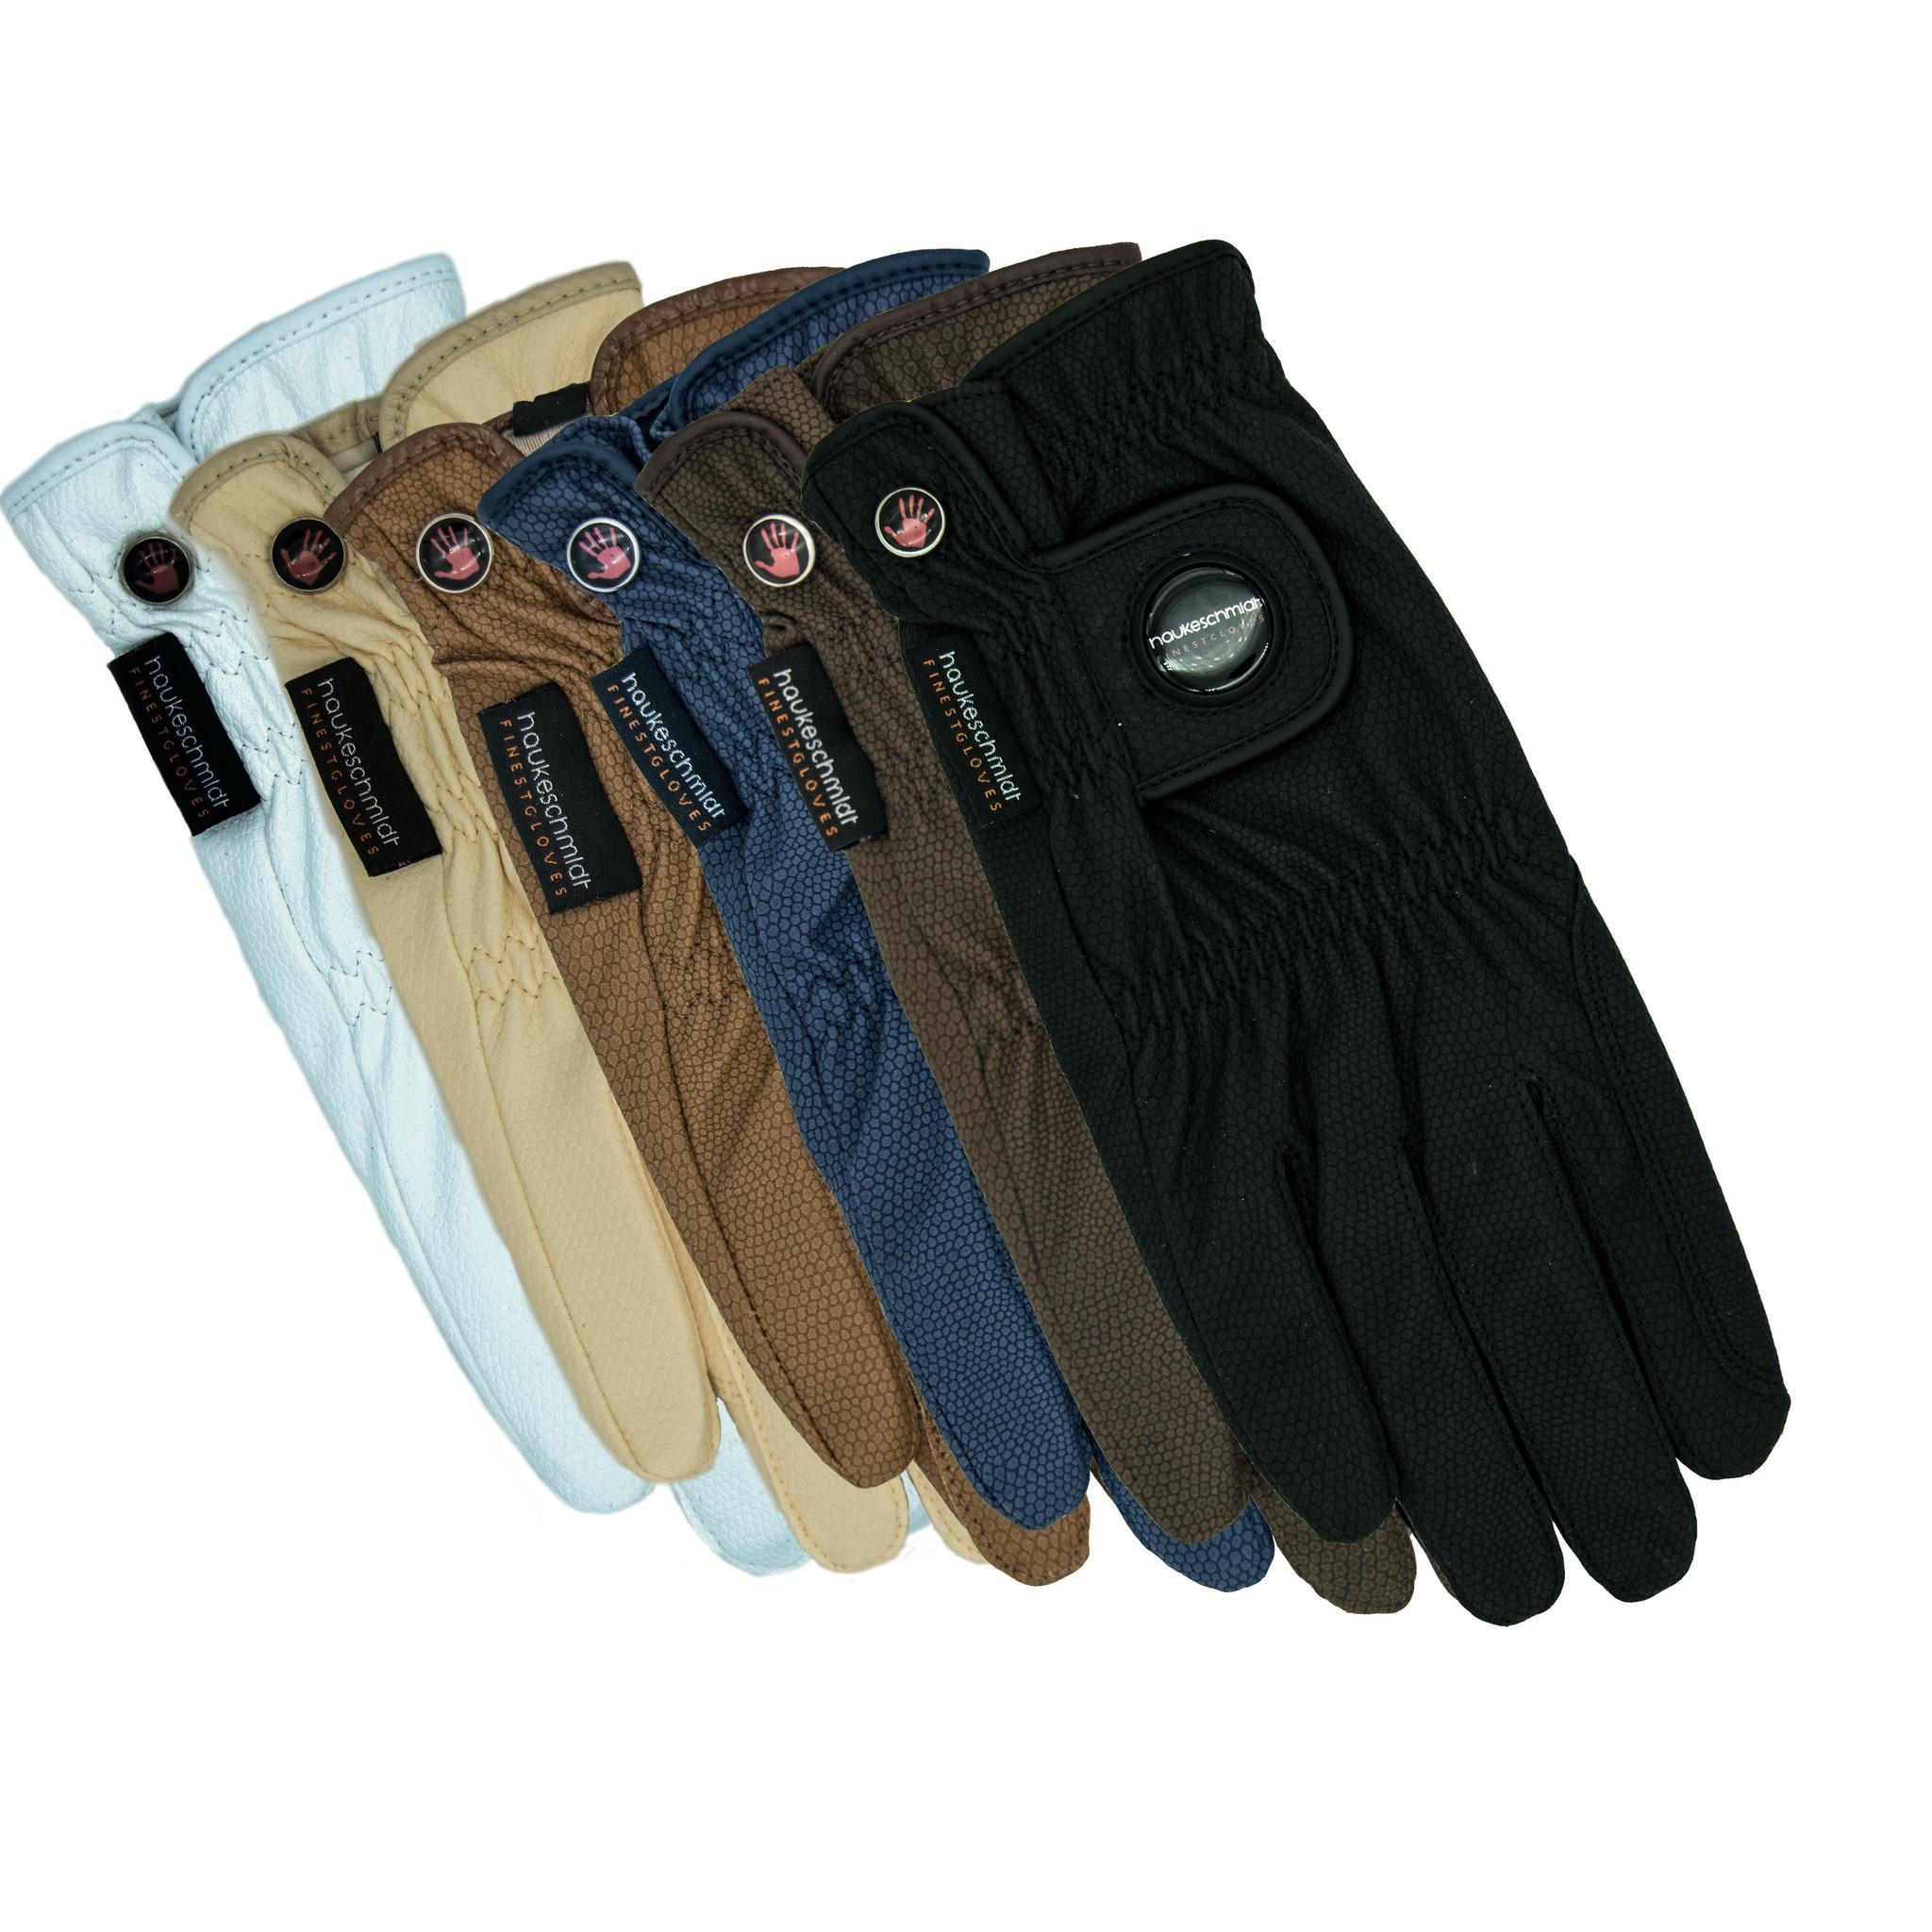 Handschoenen - A touch of class